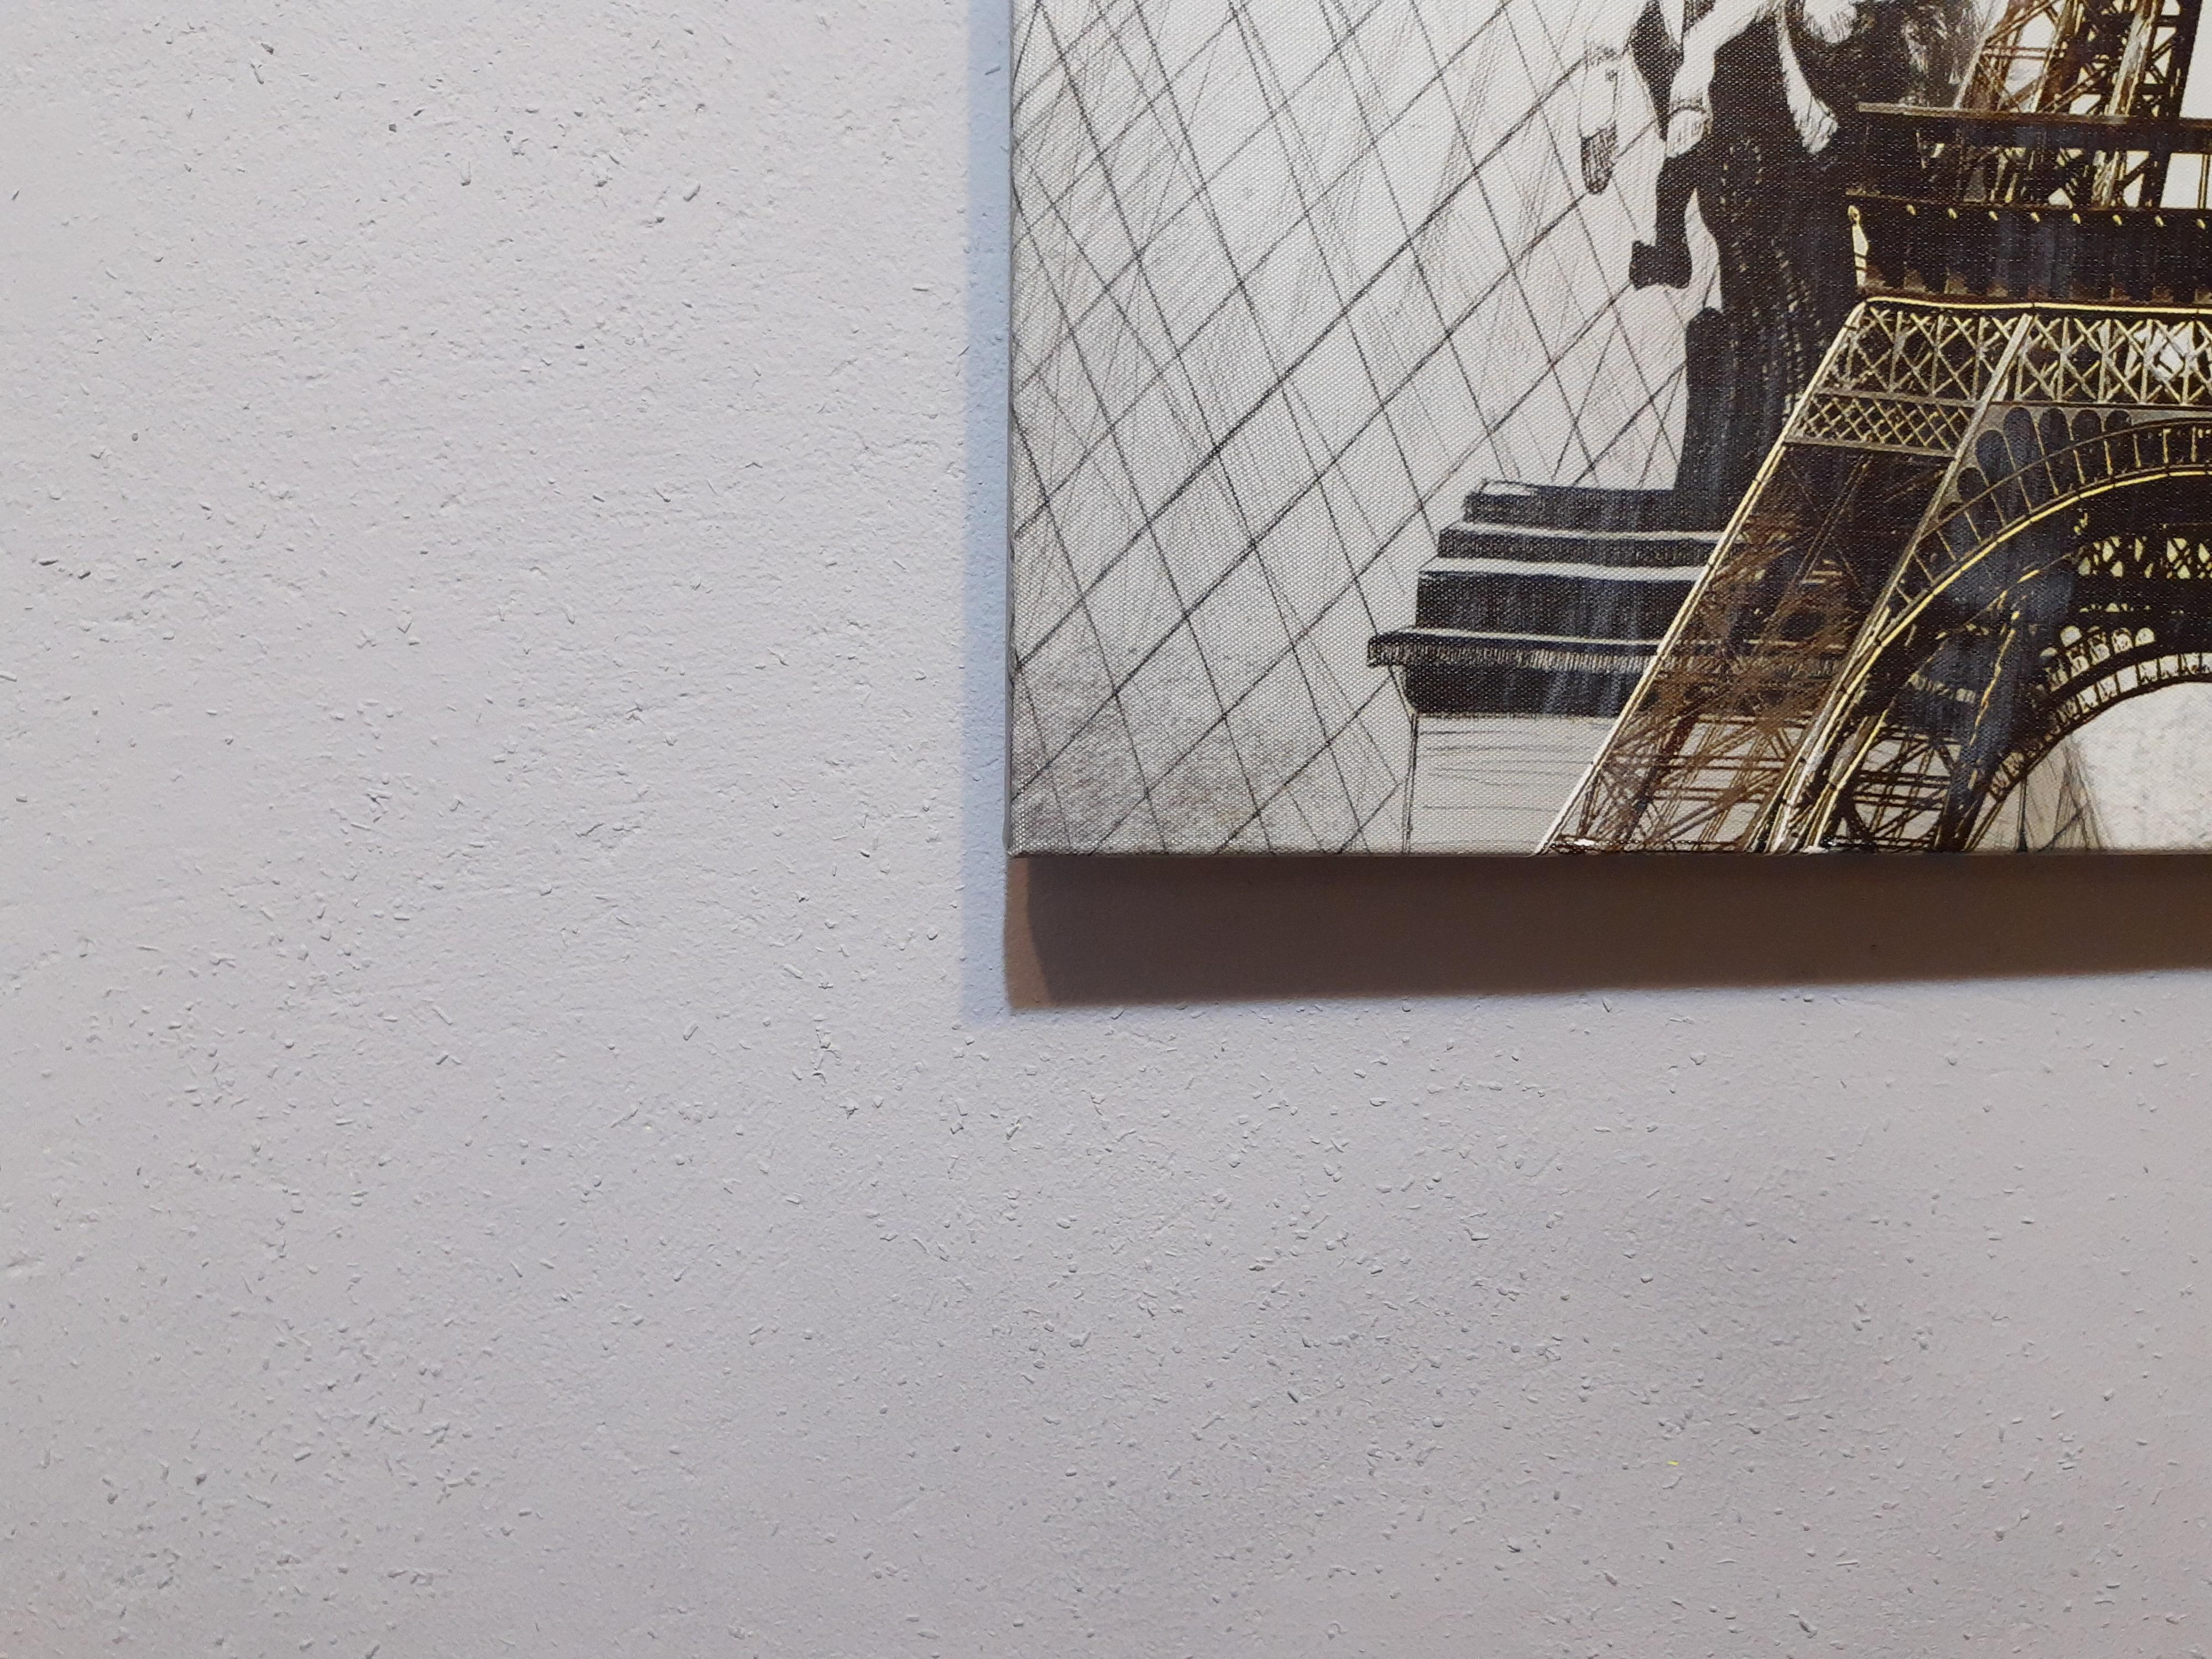 Zdjęcia w pomieszczeniu - Motorola One Vision